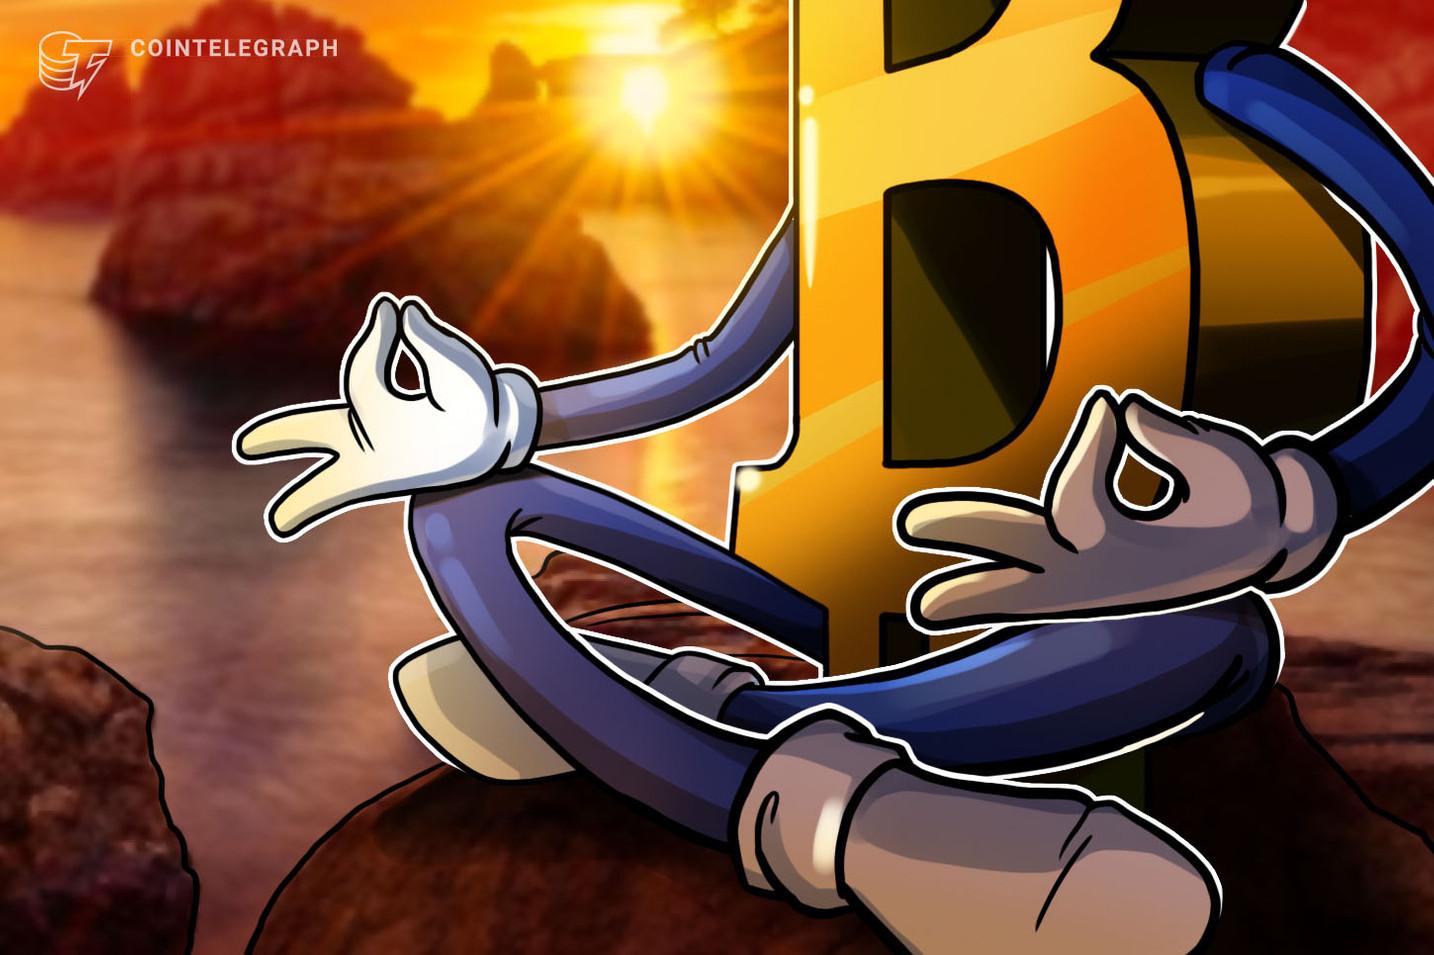 Harga BTC melihat pembetulan 6% berbeza dengan peningkatan data on-chain Bitcoin